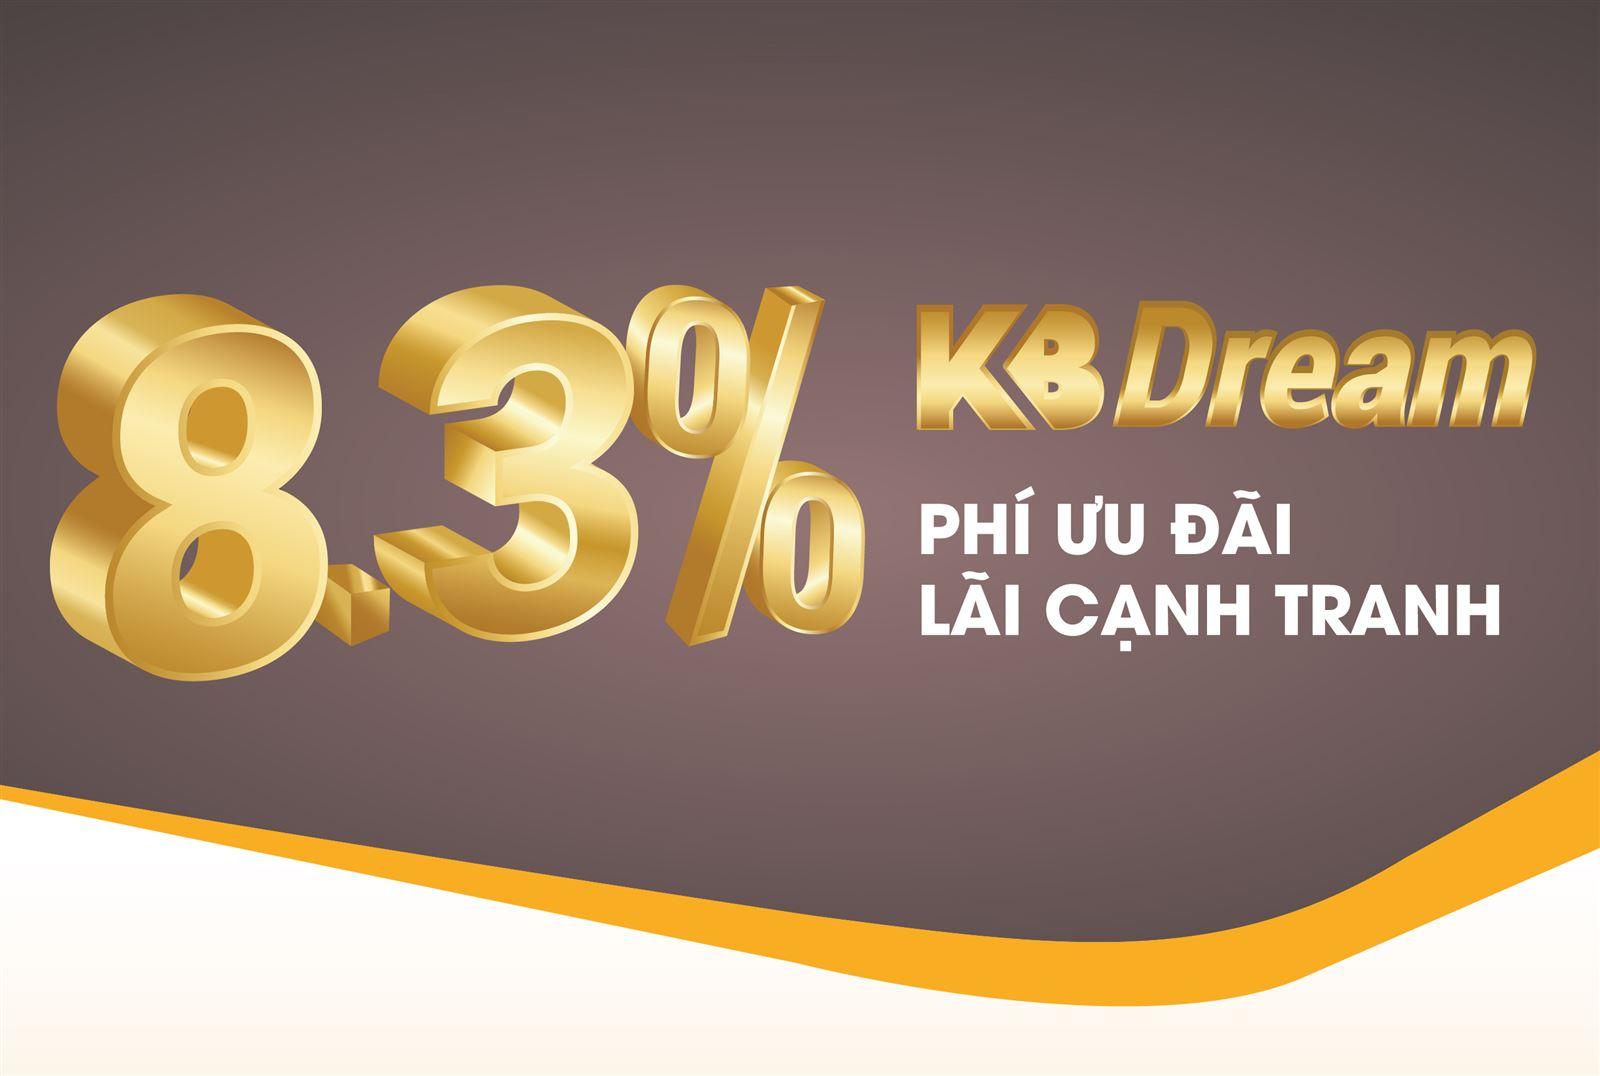 Sản phẩm KB Dream 8.3